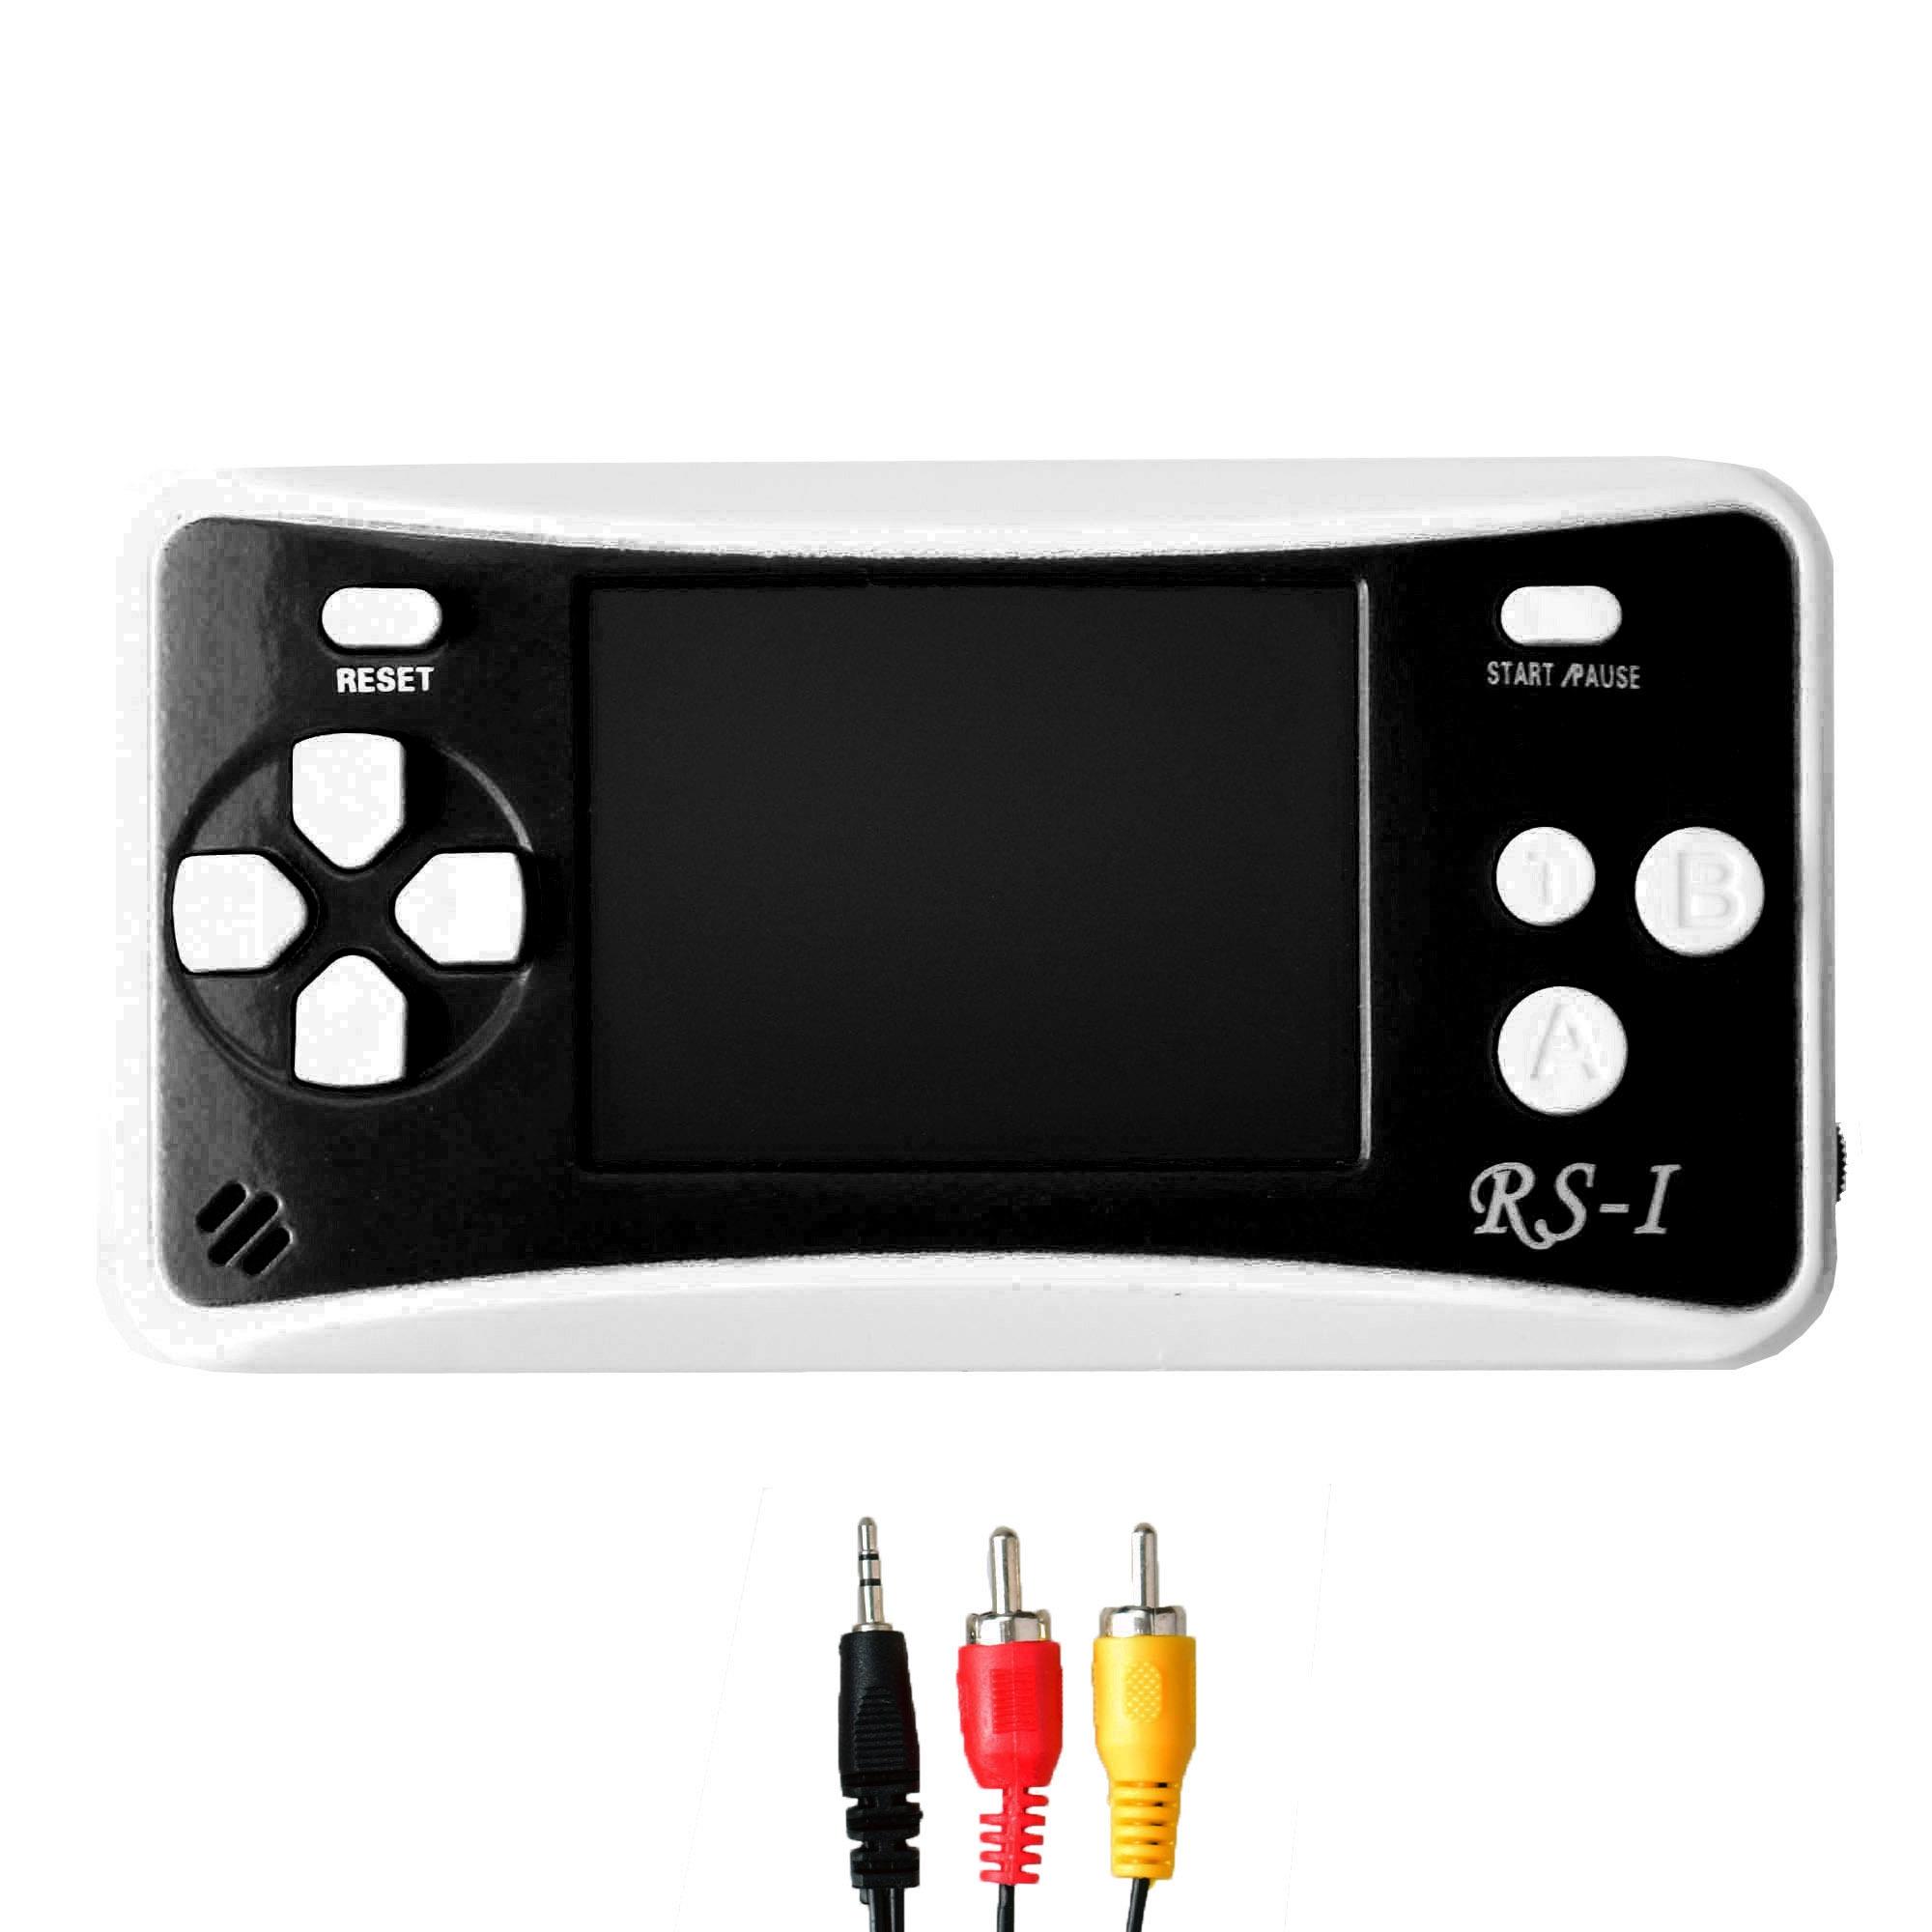 Console Portatile Con Giochi Retrogame Game Prince 152in1 Lc